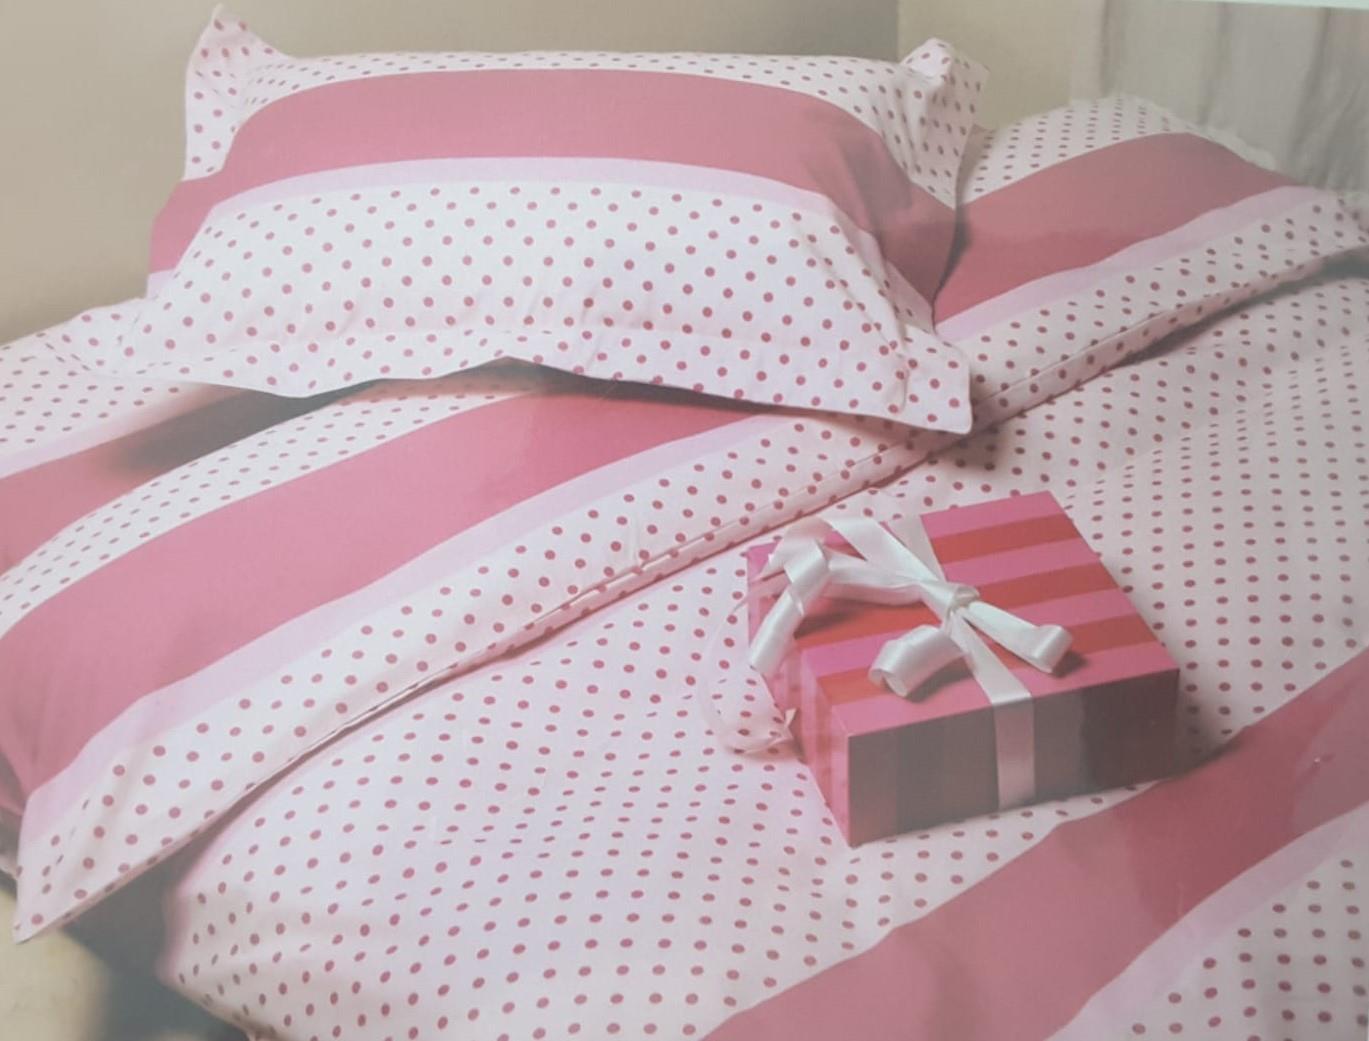 מצעים למיטת יחיד 100% כותנה - פריד דגם שרי